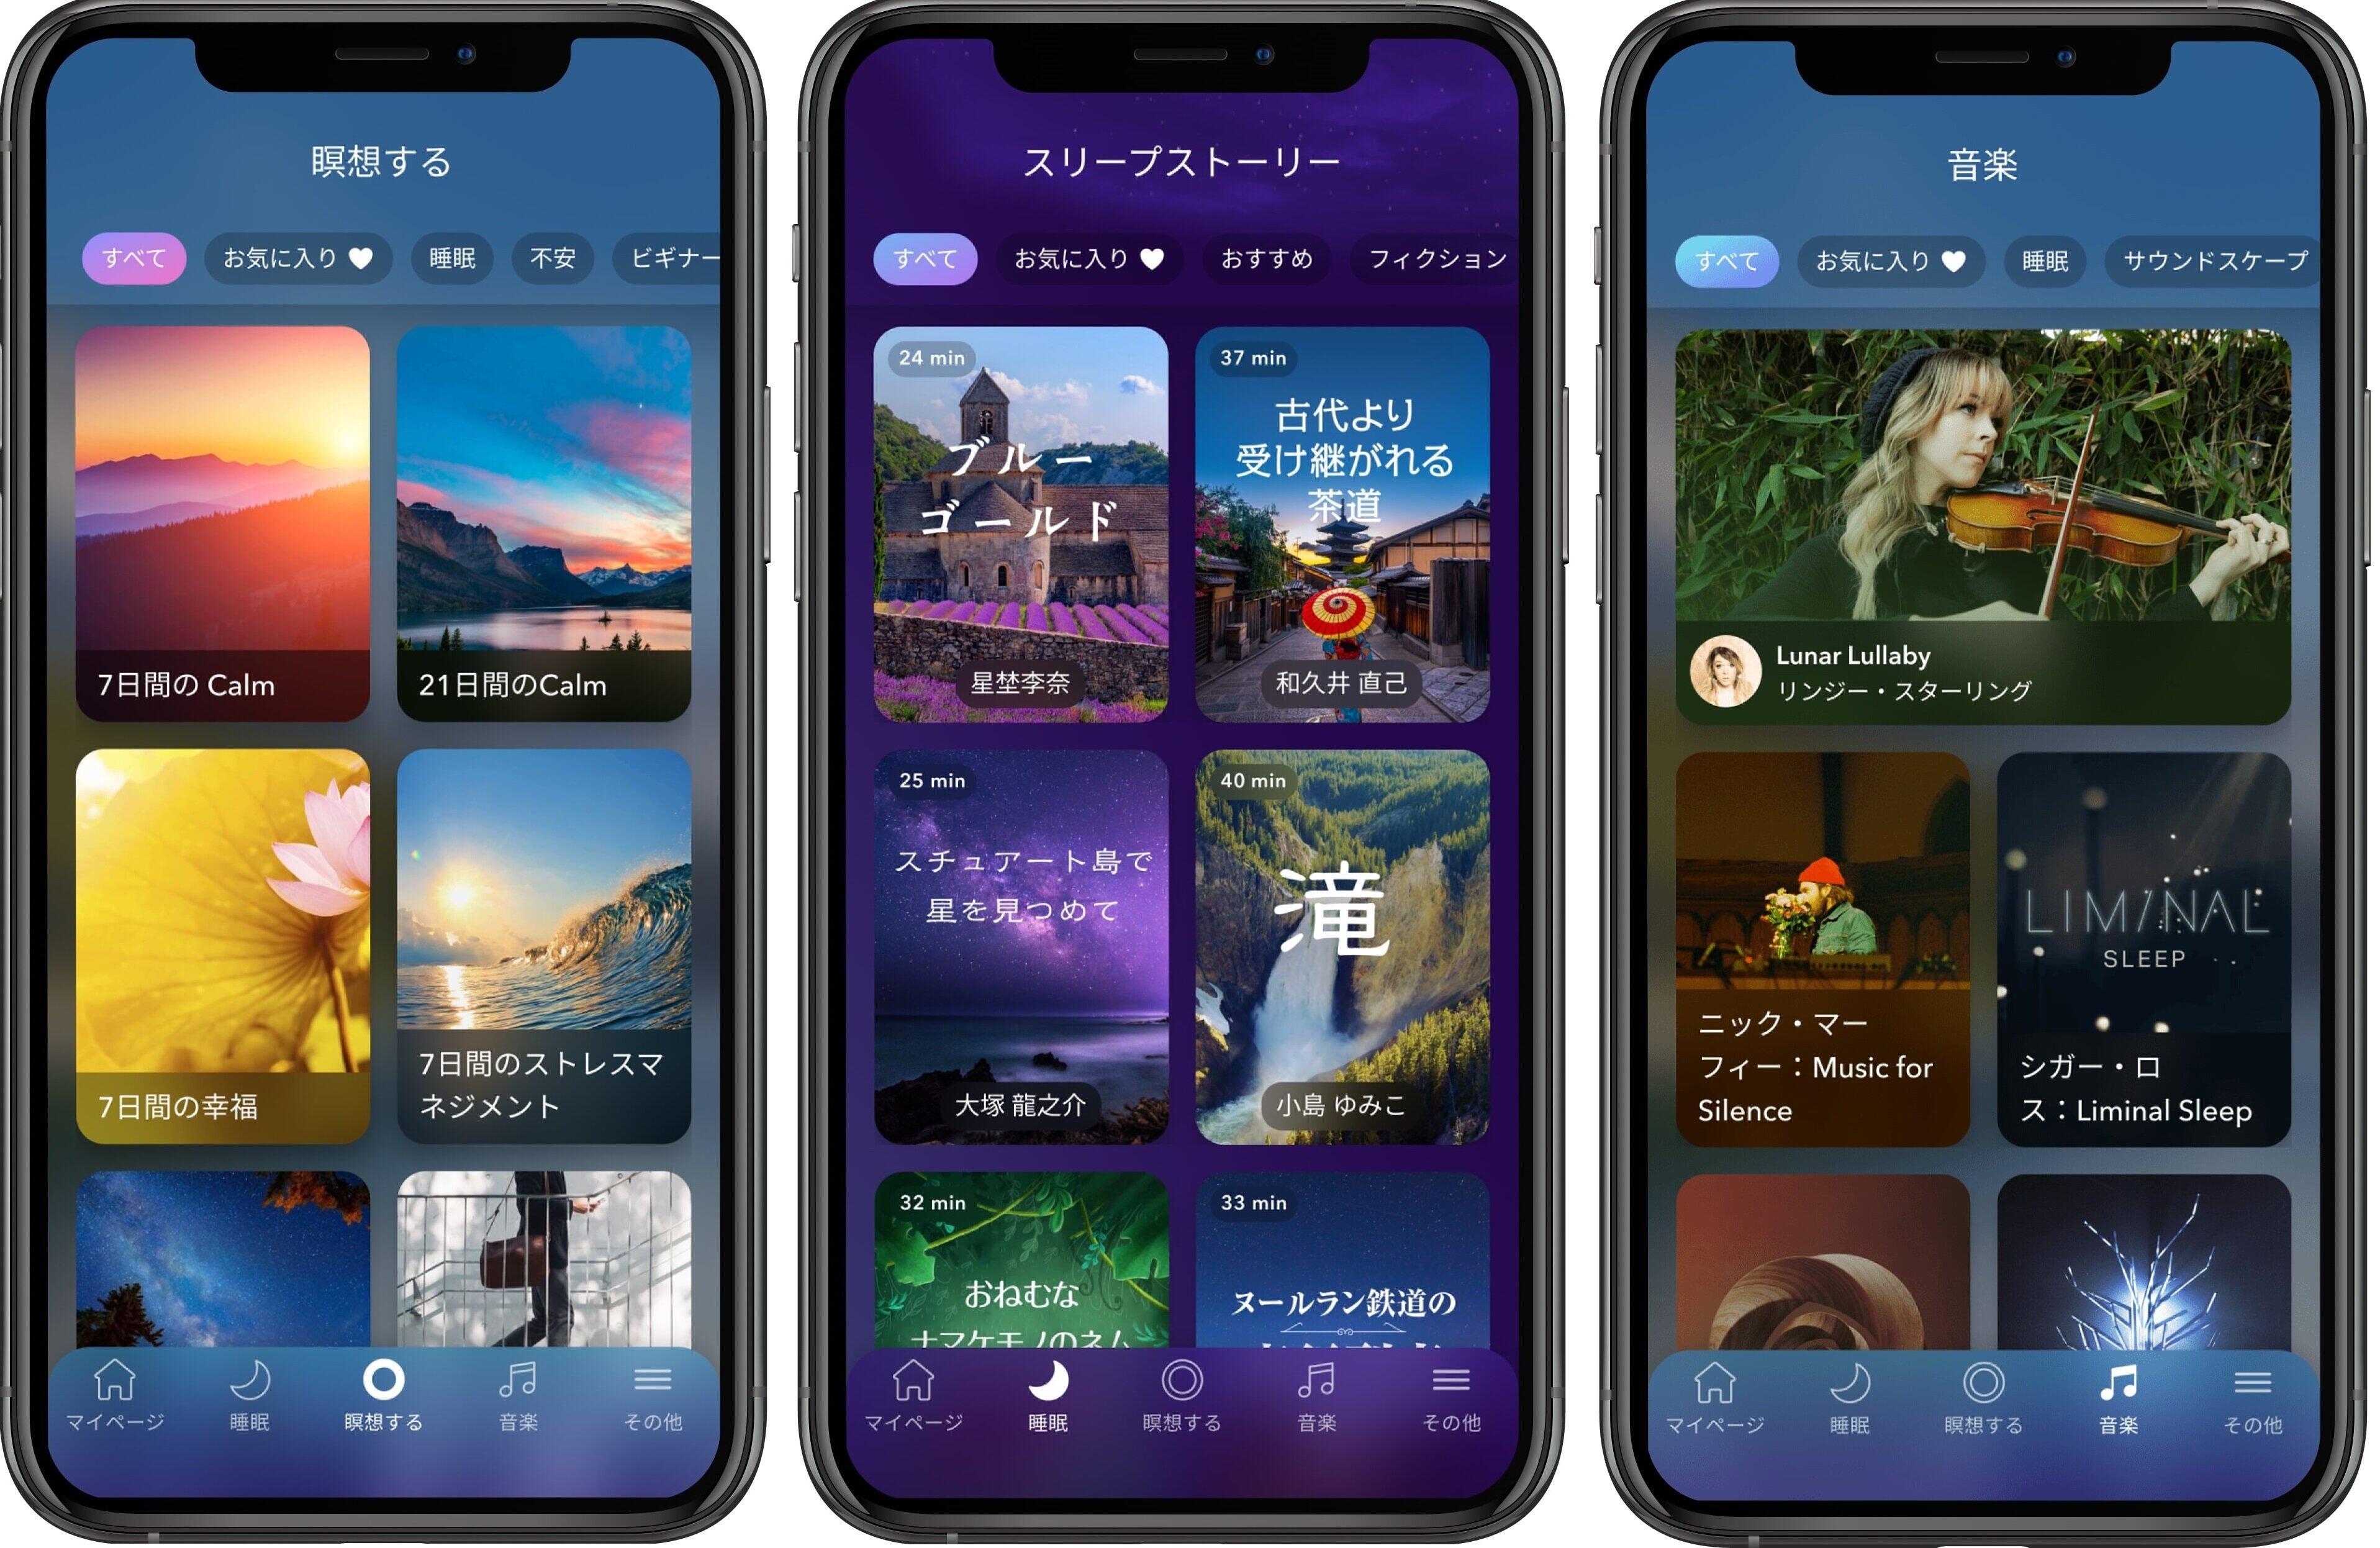 左から、「瞑想」「睡眠(スリープストーリー)」「音楽」のiPhone画面